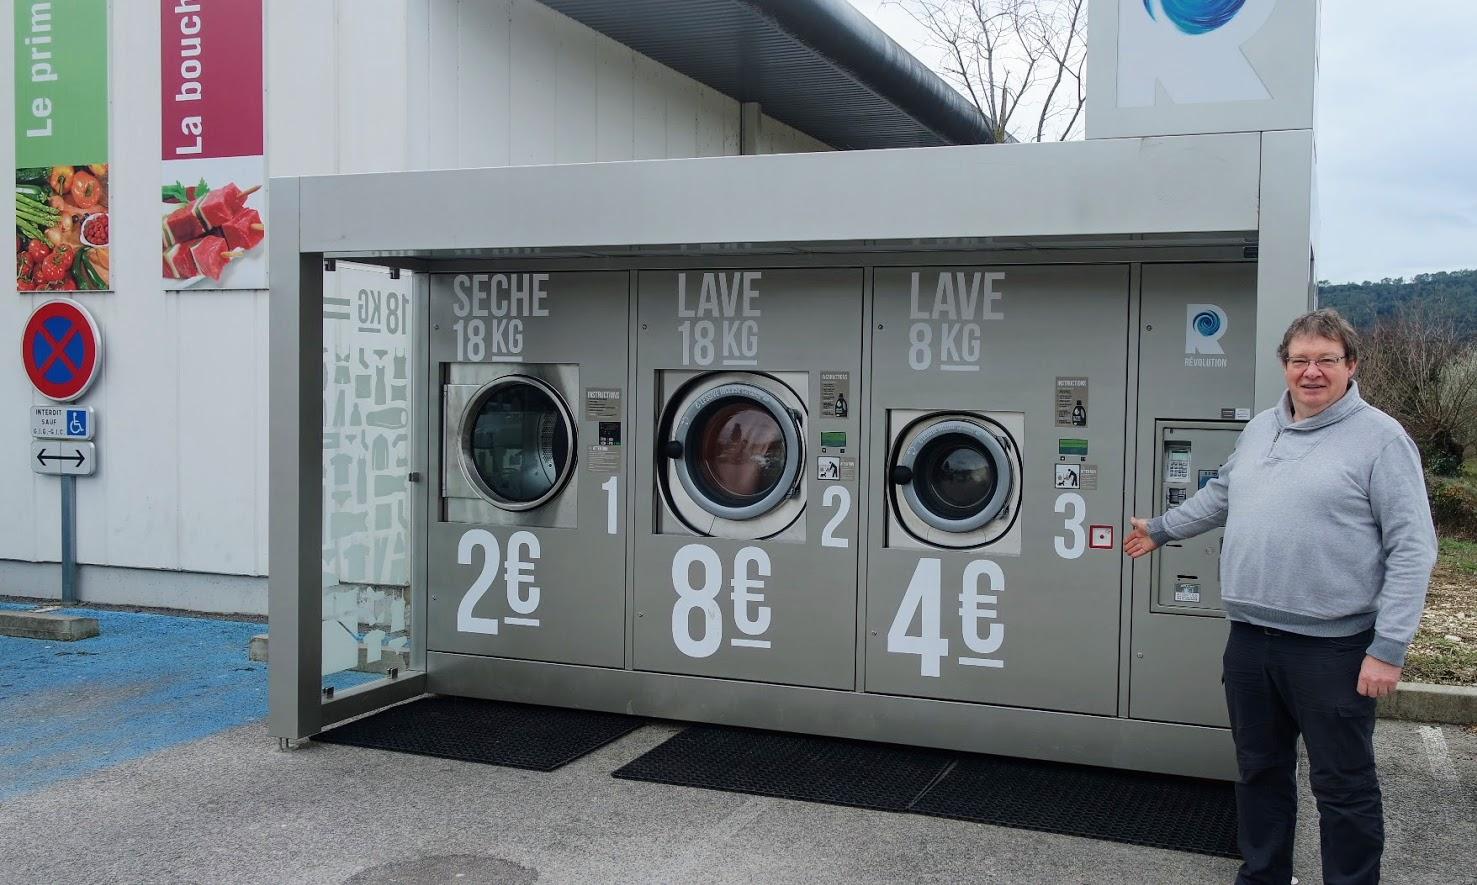 Reglisse vanille les mages une laverie en libre service l 39 u express - Laver des oreillers en machine ...